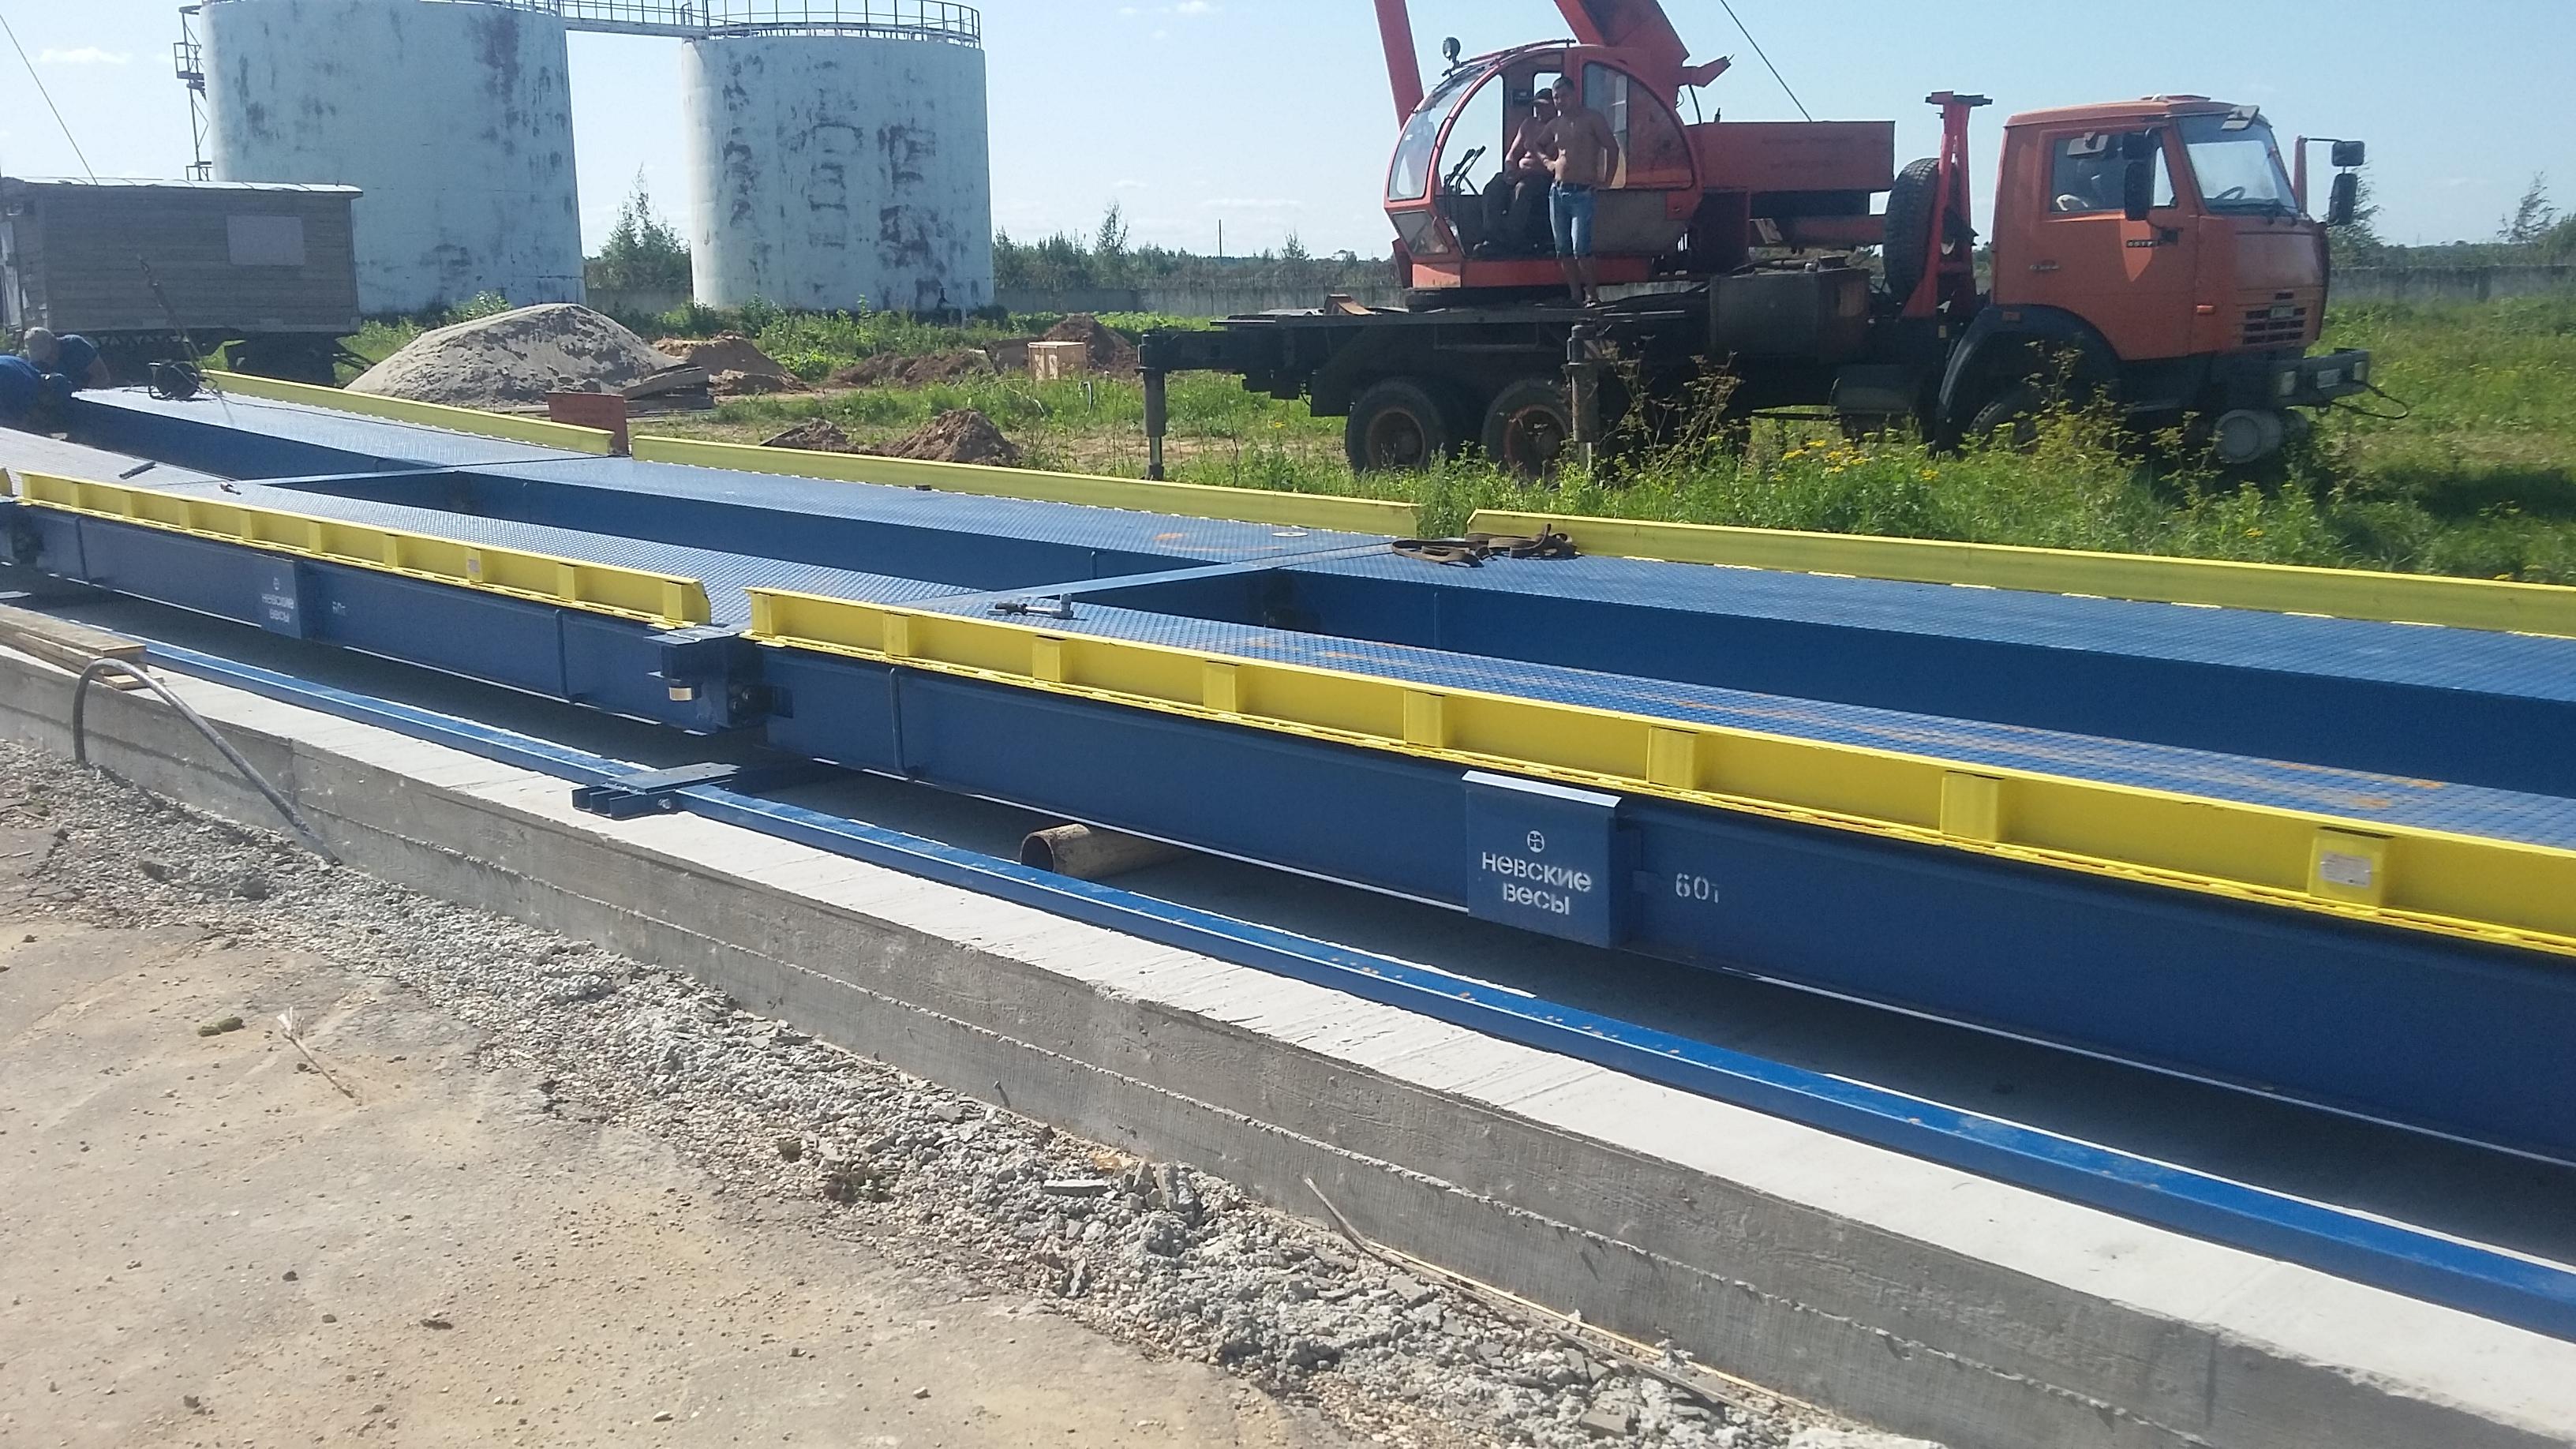 Монтаж автомобильных весов ВСА-Р60000-18 в Ярославле.